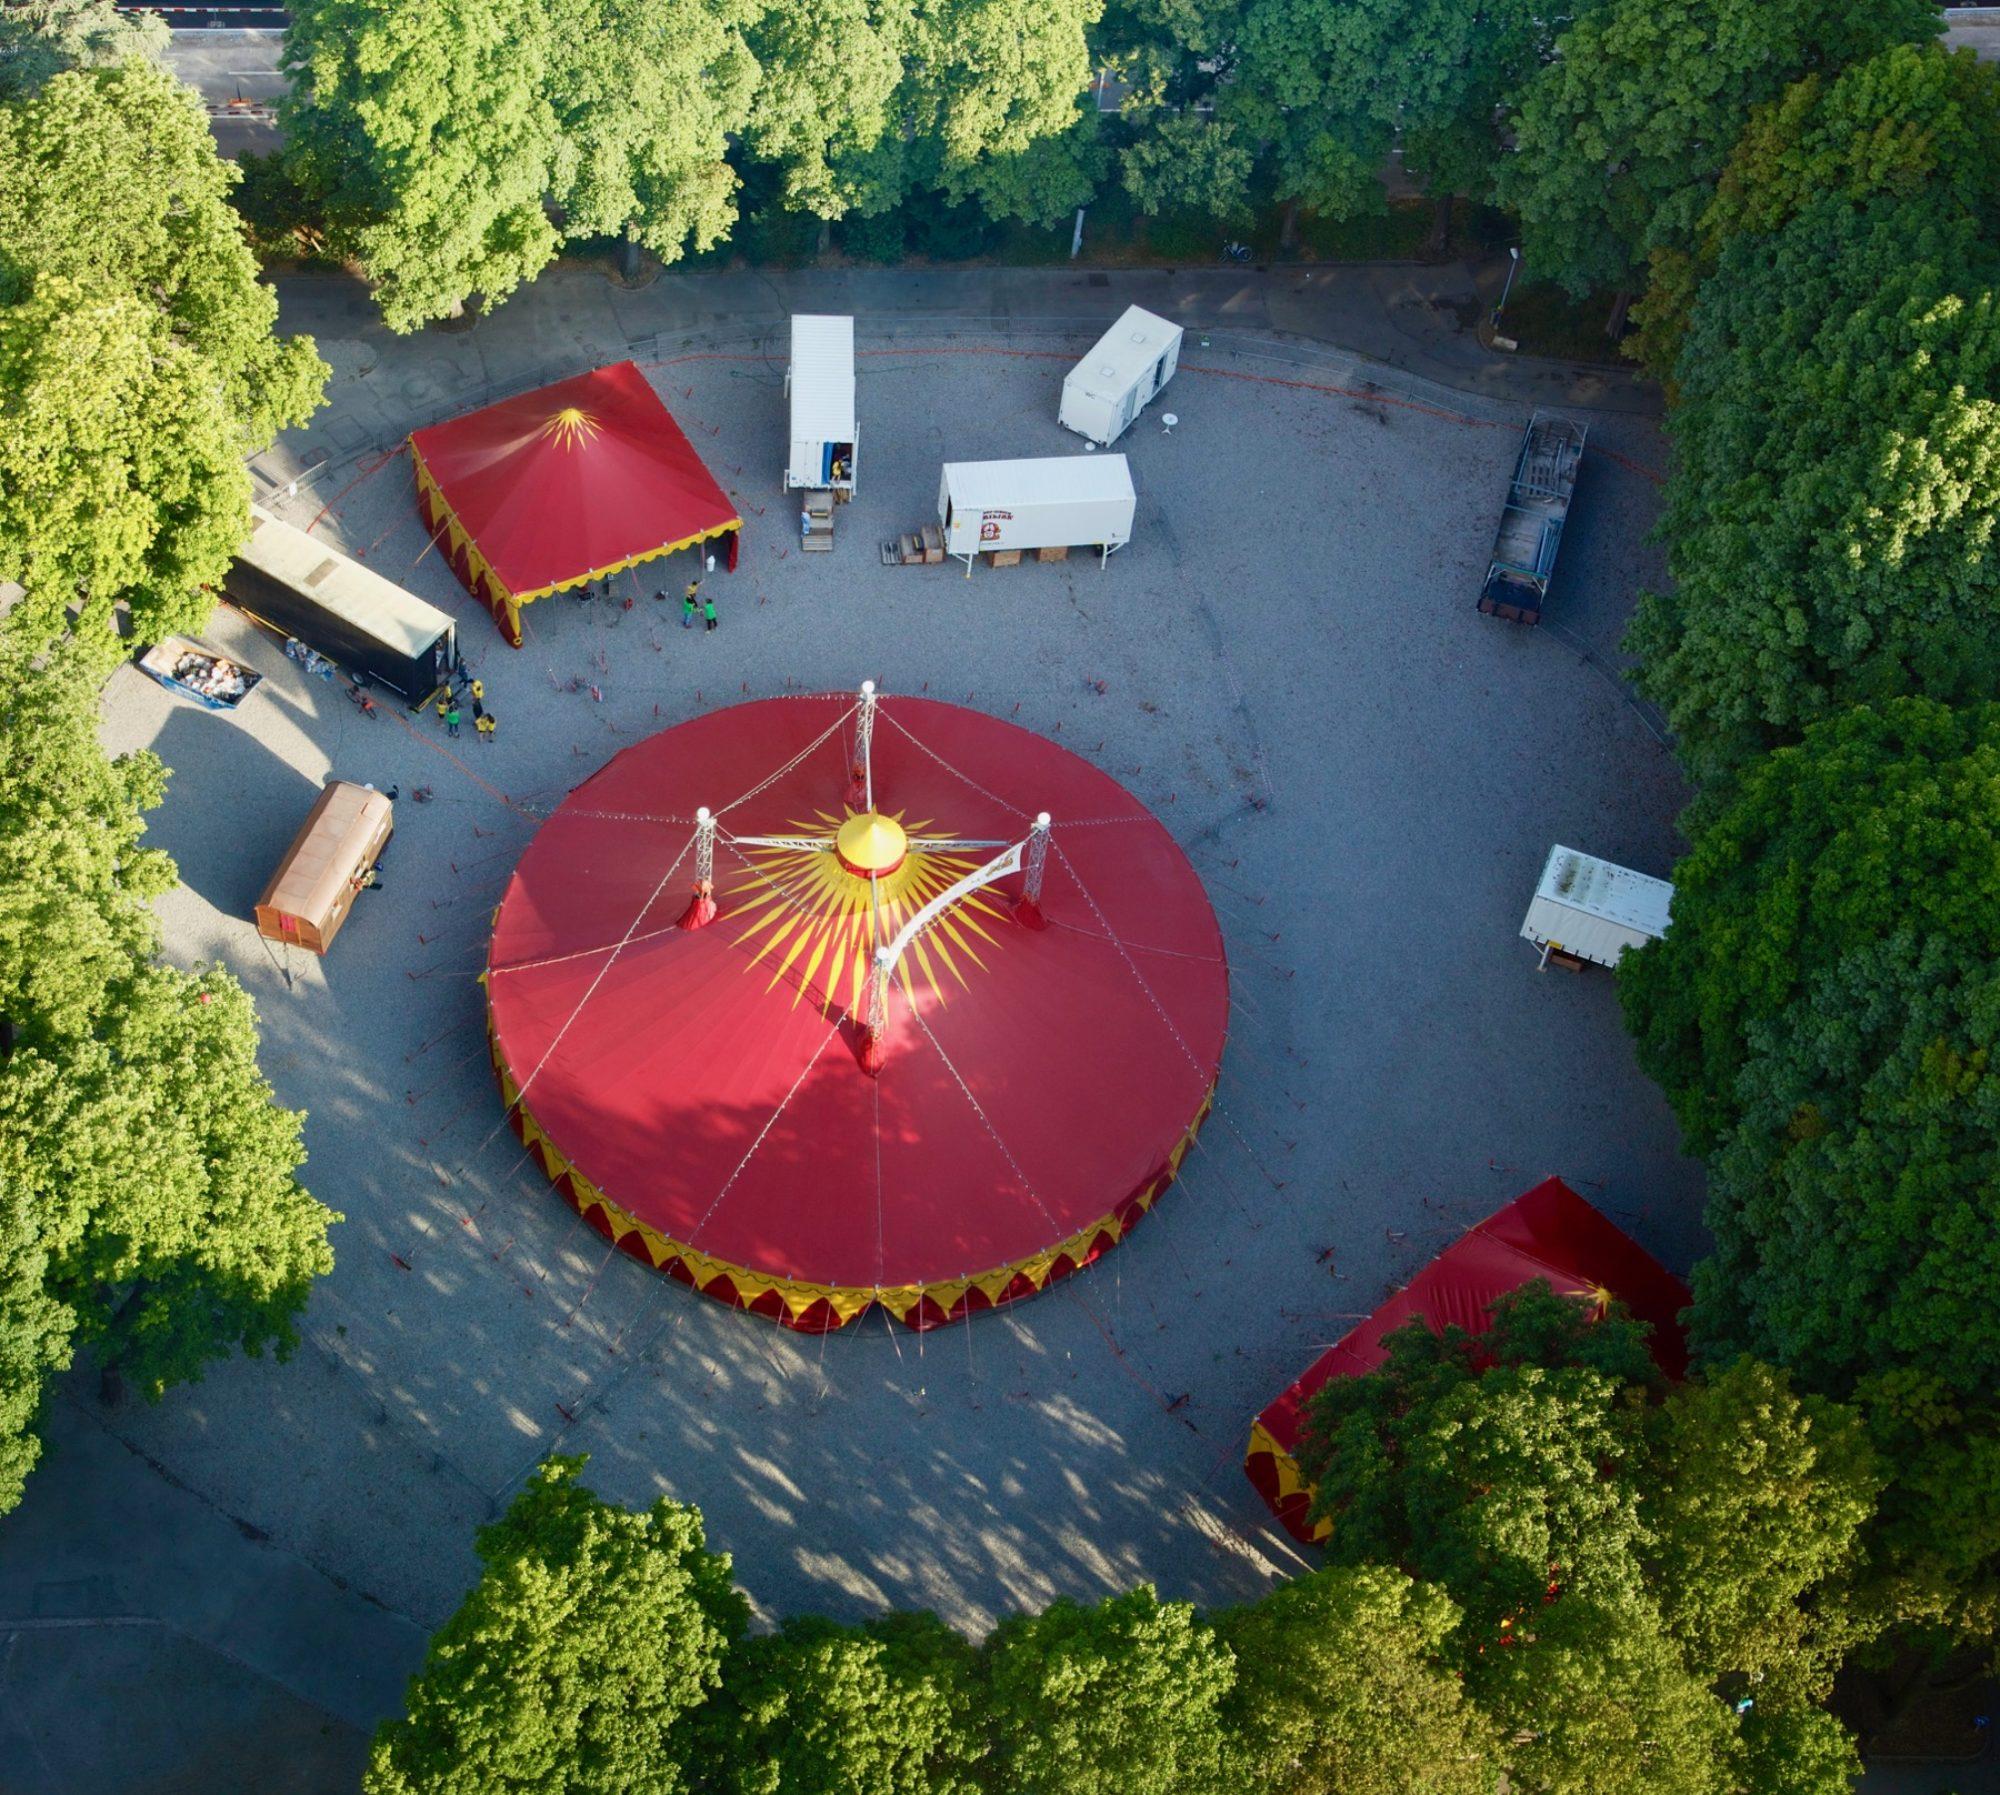 JCB - Jugend Circus Basilisk